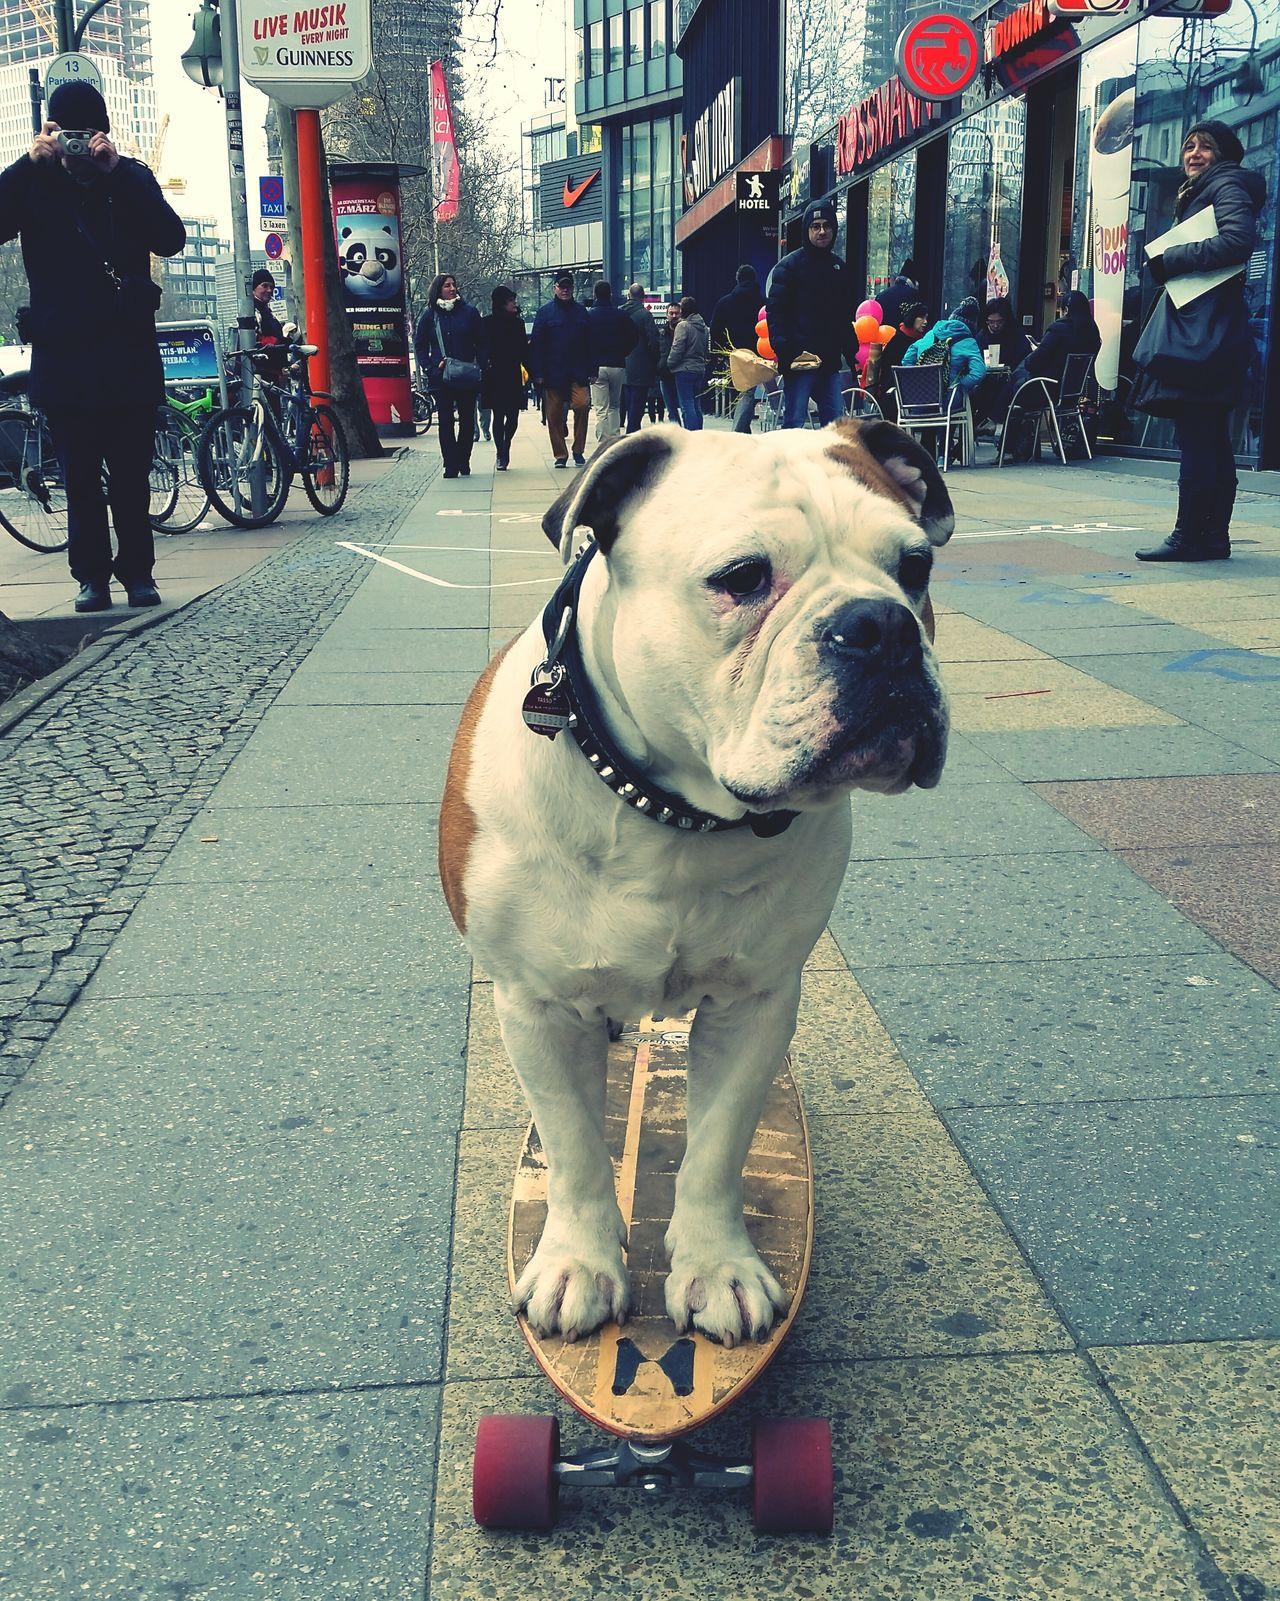 Ein Hund beim skaten sieht man sich nicht alle Tage. Enjoying Life Berlin Open Edit